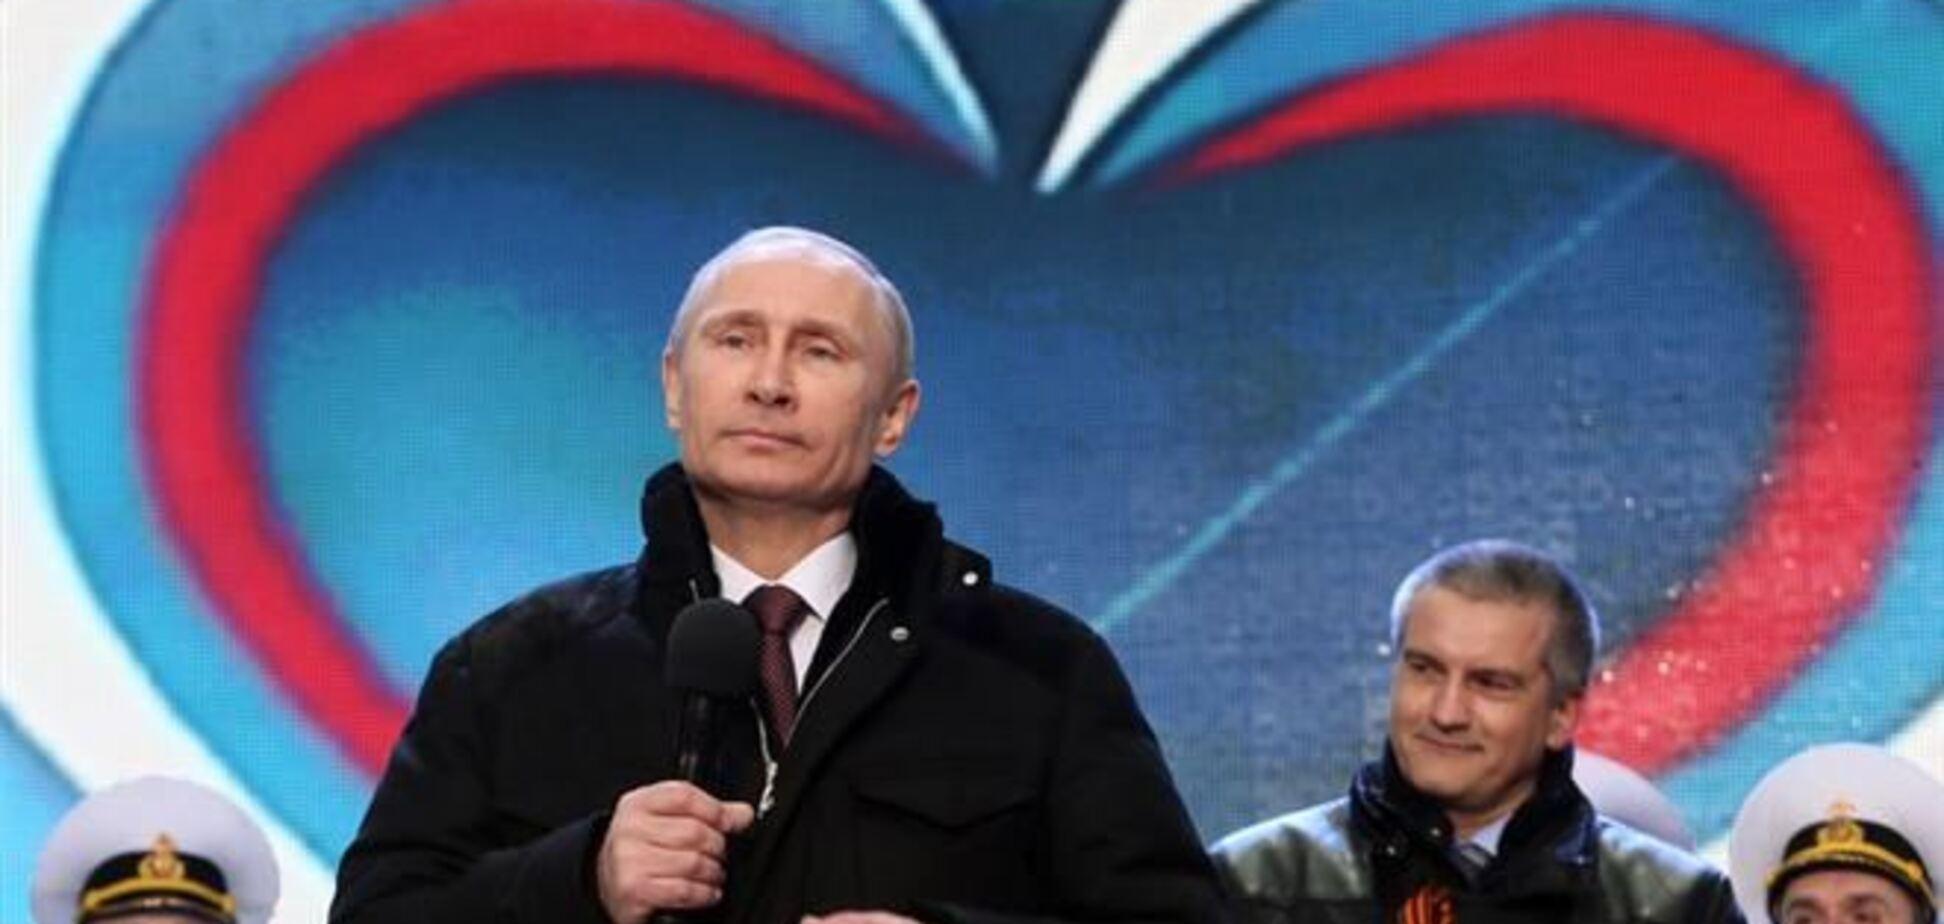 'Хорошо теперь в Крыму только Вове одному'. Фотожабы